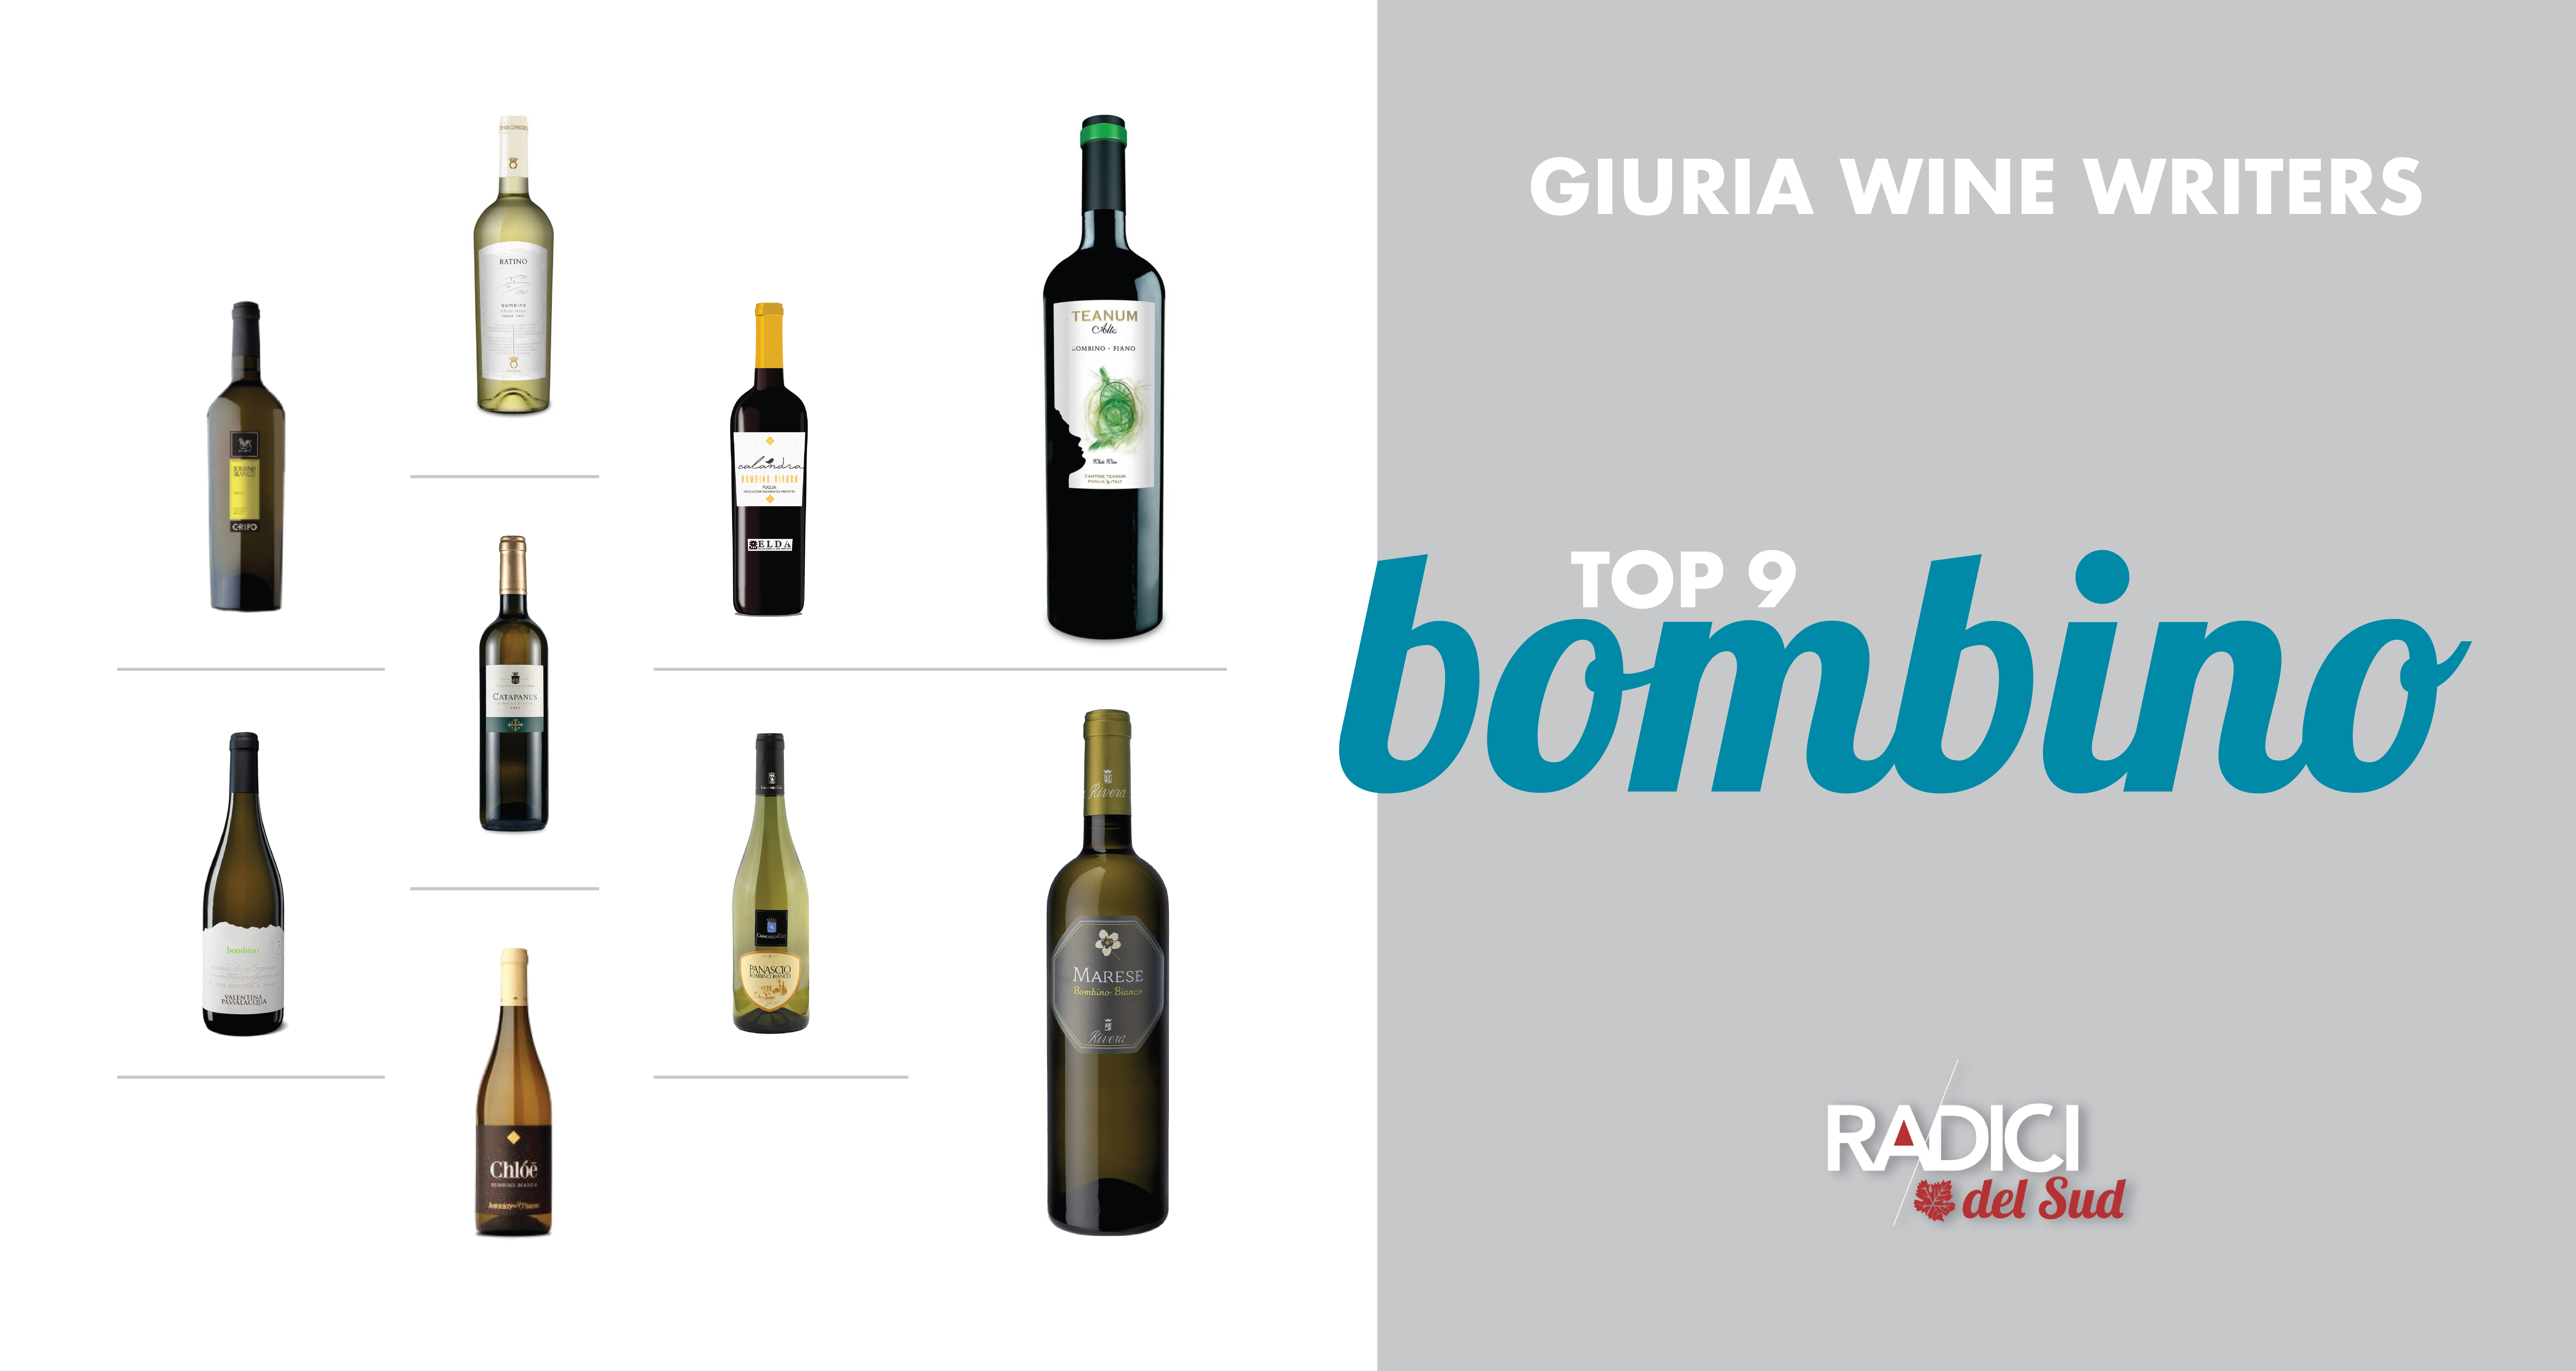 (Italiano) I primi 9 Vini Bombino di Radici del Sud 2017 secondo la Giuria Giornalisti